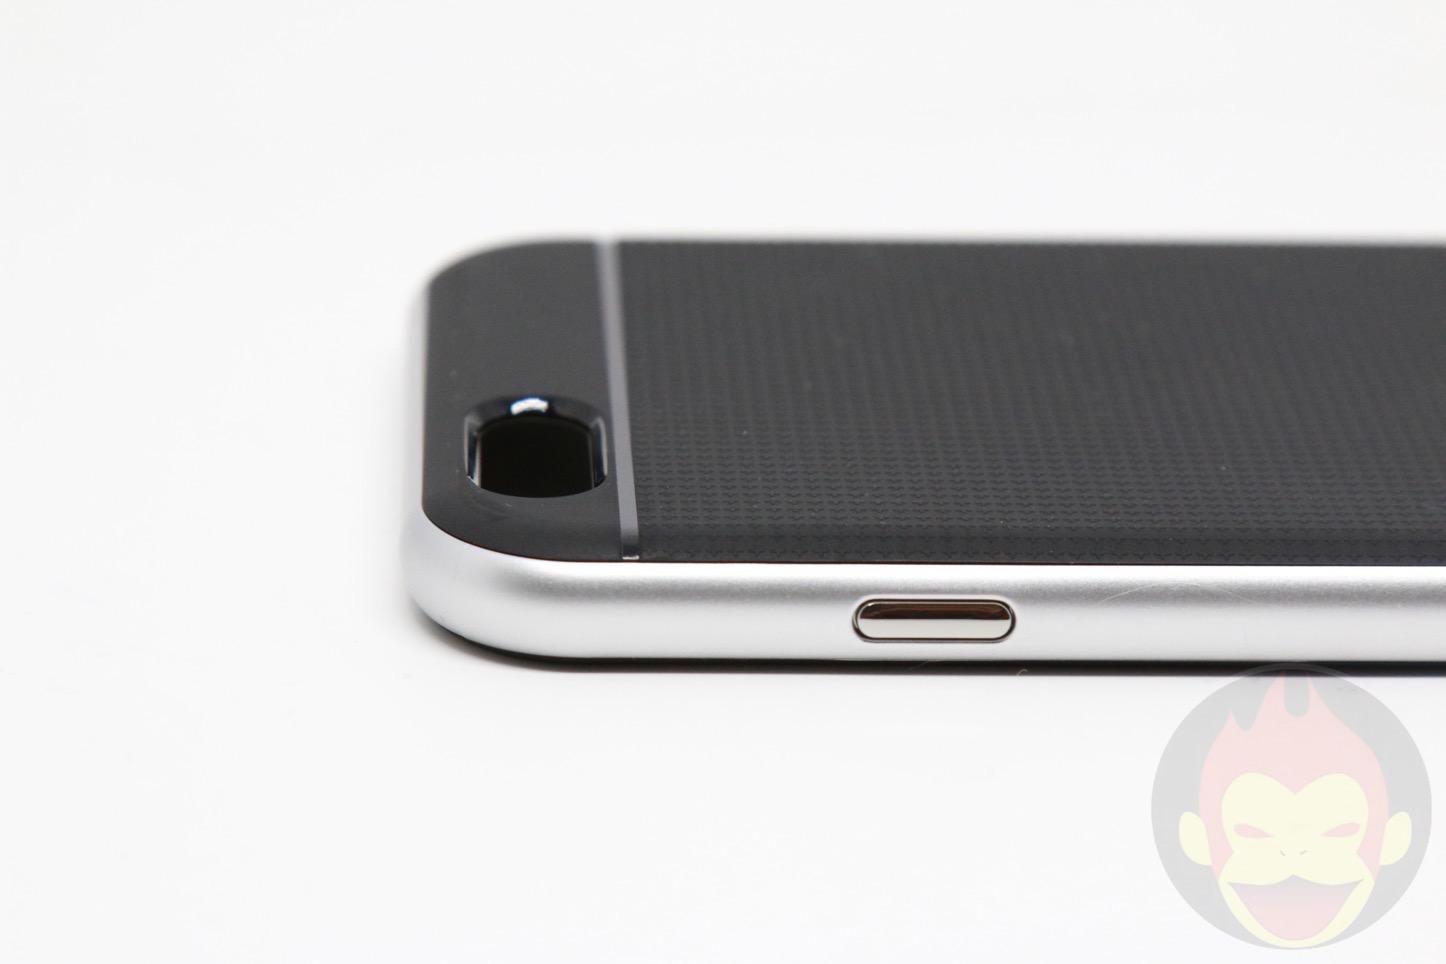 iPhone6s-Spigen-Neo-Hybrid-Case-07.JPG